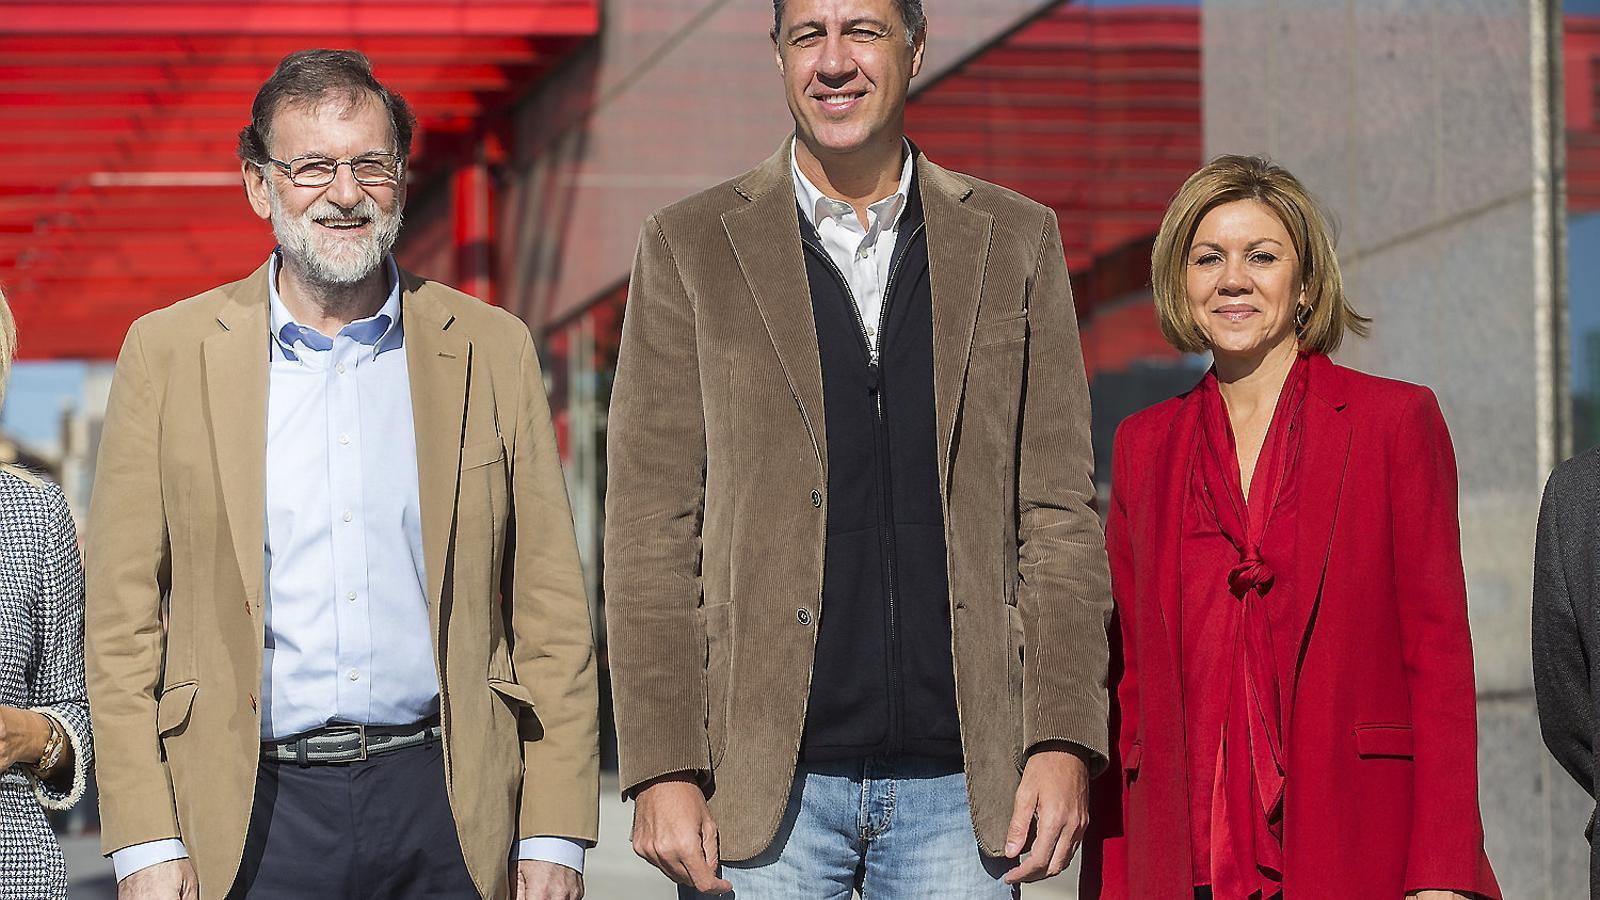 L'avantsala d'unes eleccions espanyoles